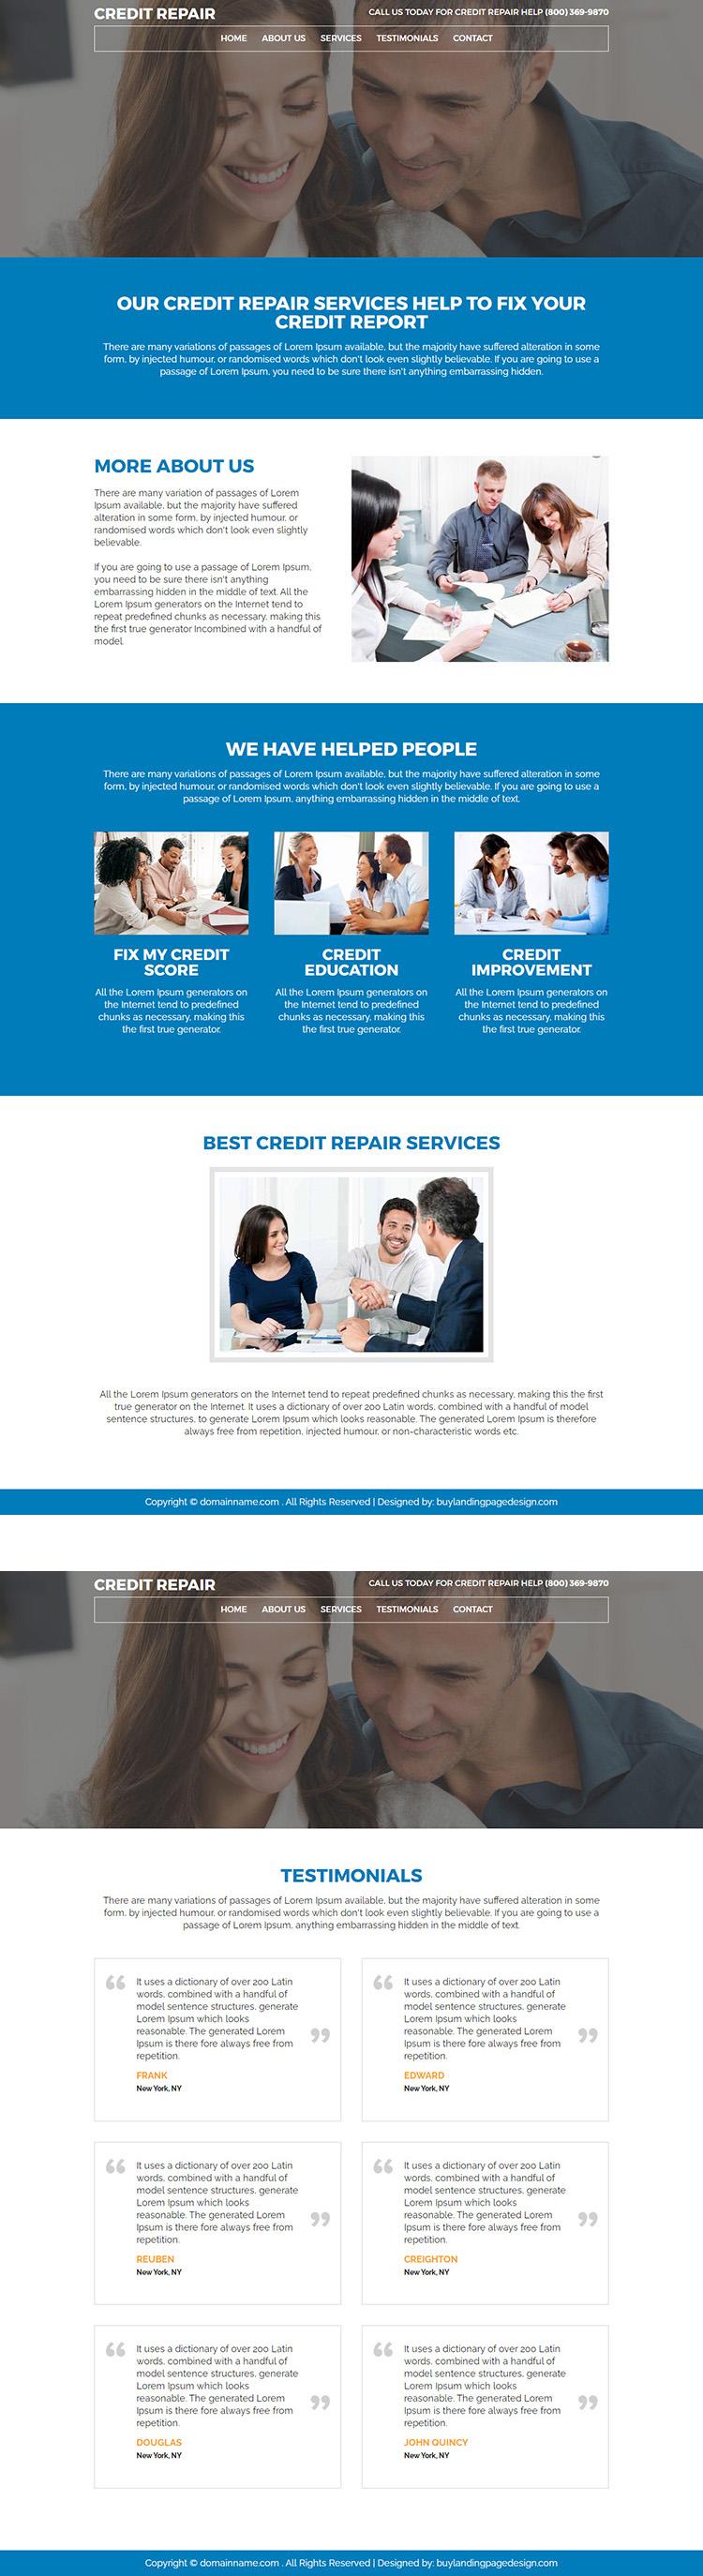 responsive credit repair service website design